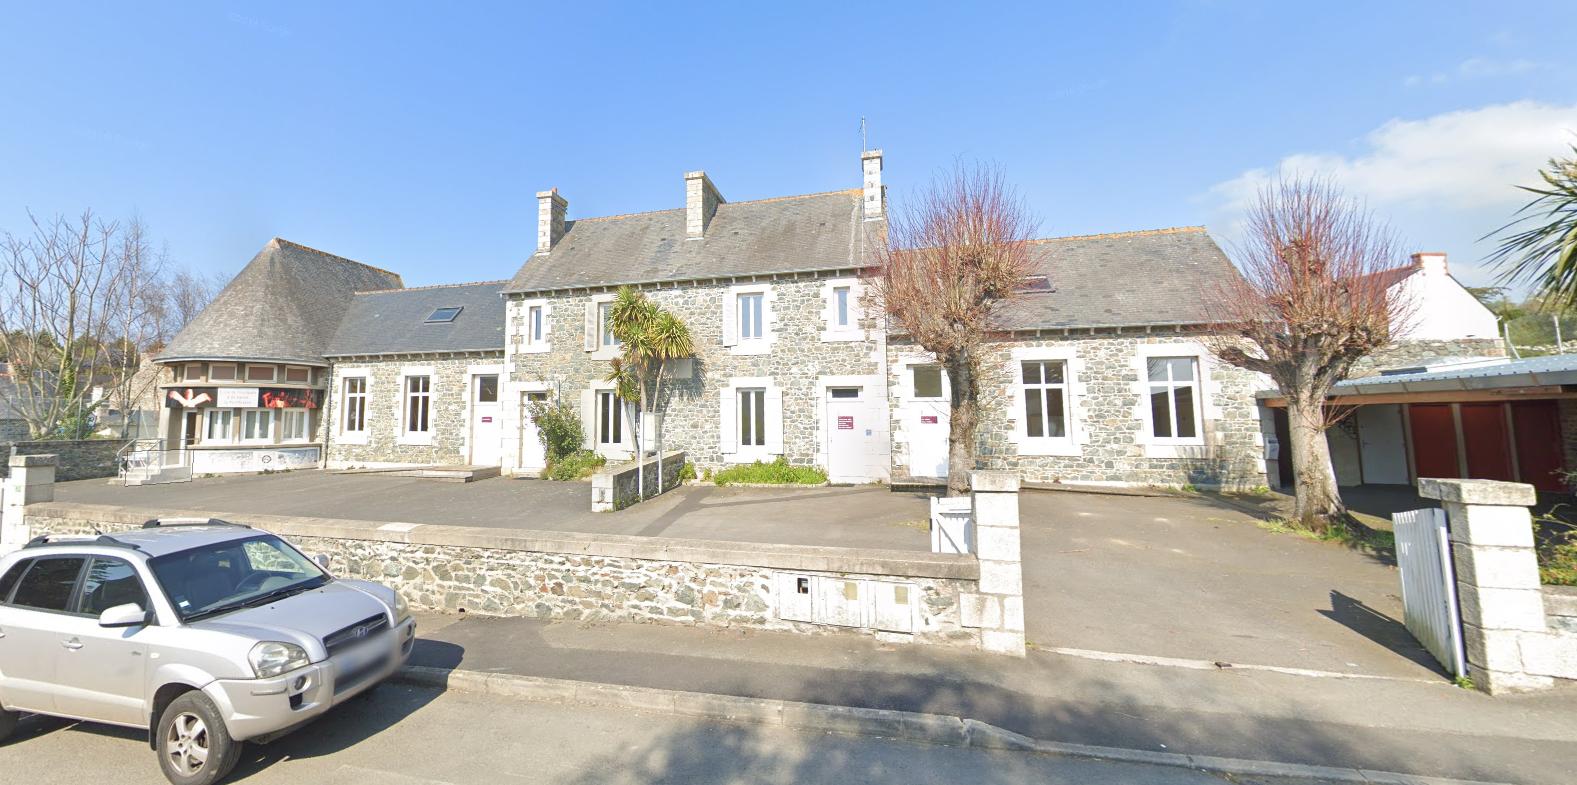 Le site de Pléneuf-Val-André Ancienne école de Dahouët